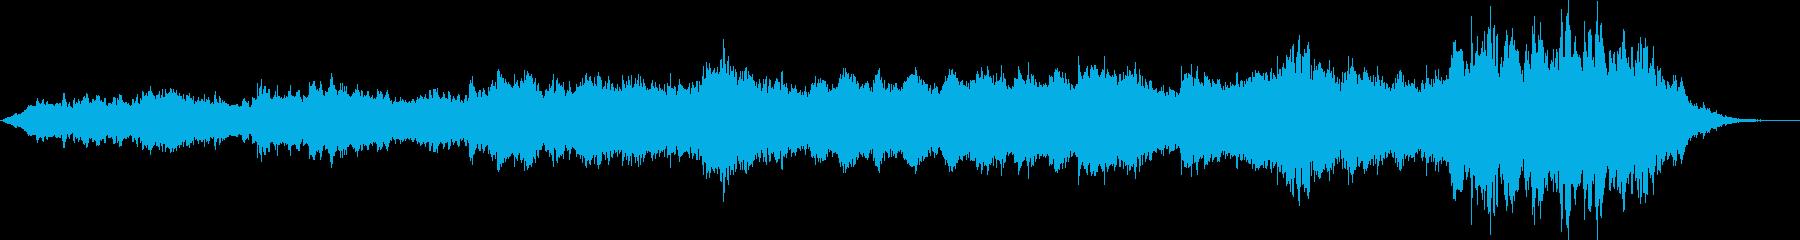 宇宙を感じさせる壮大な電子アンビエントの再生済みの波形